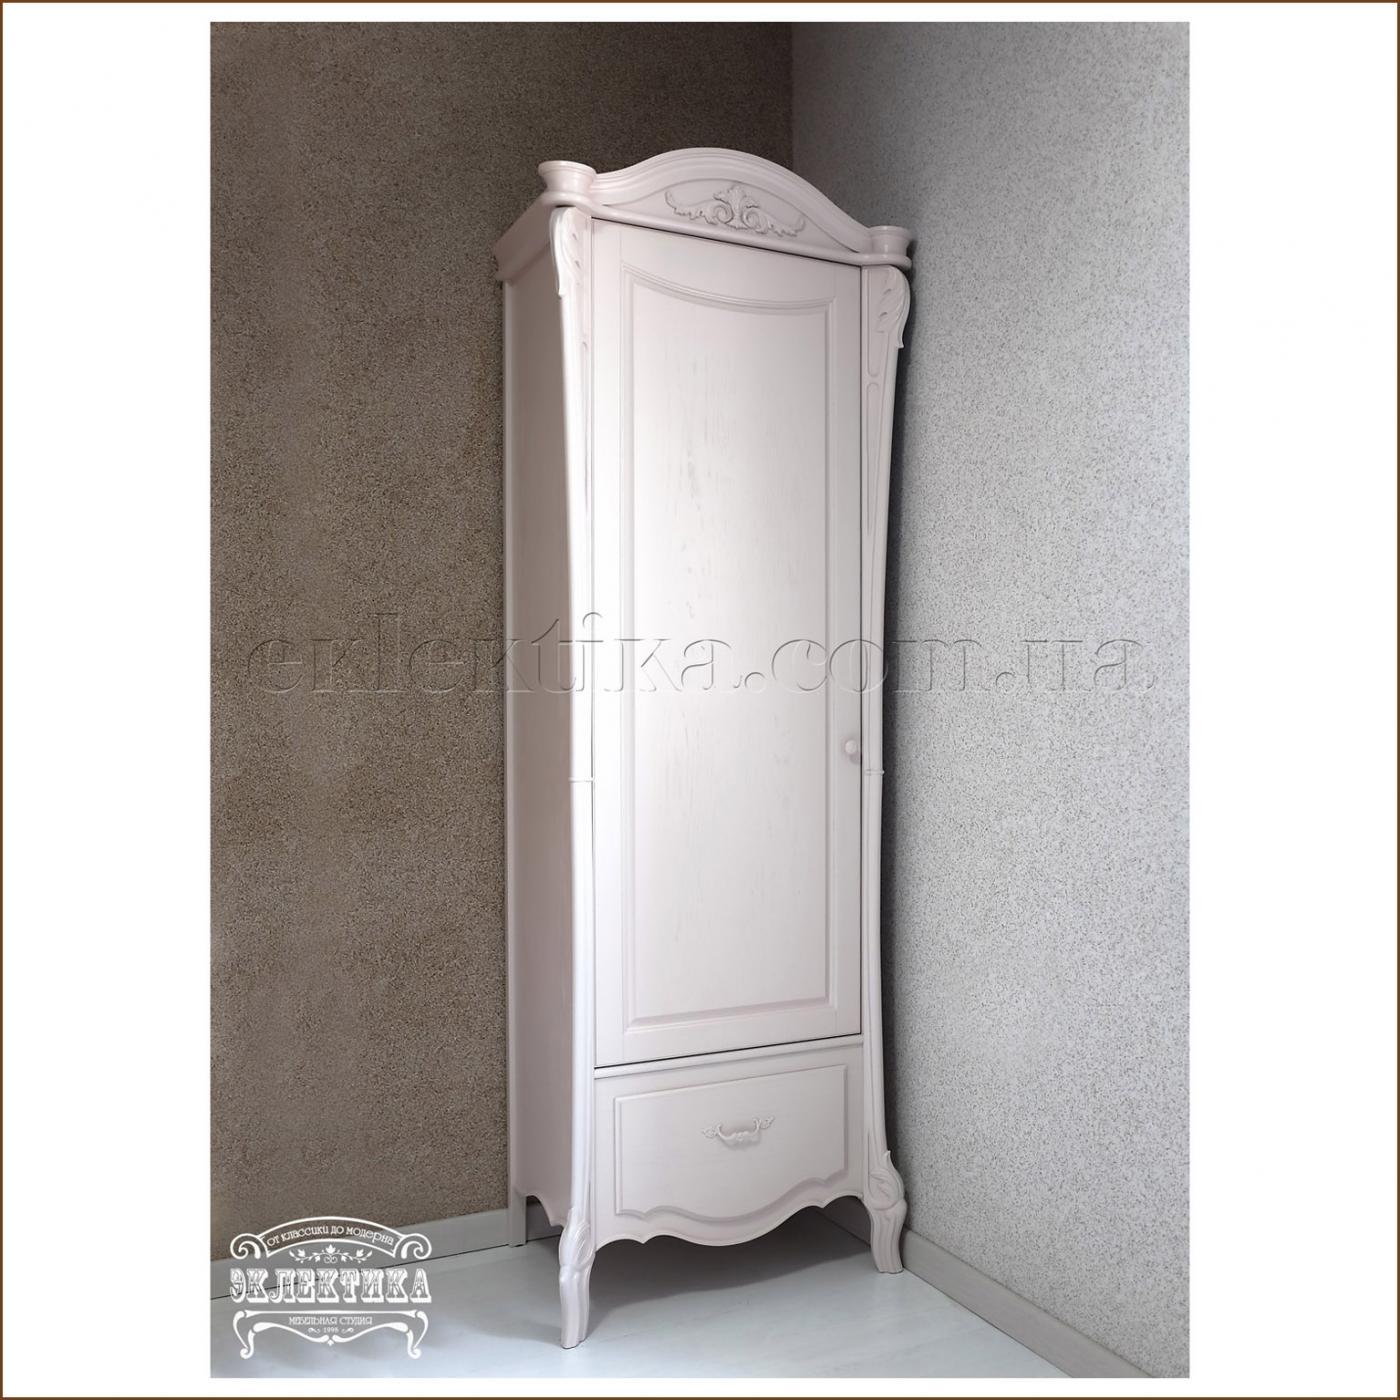 Шкаф Валенсия 1 дверь 1 ящик